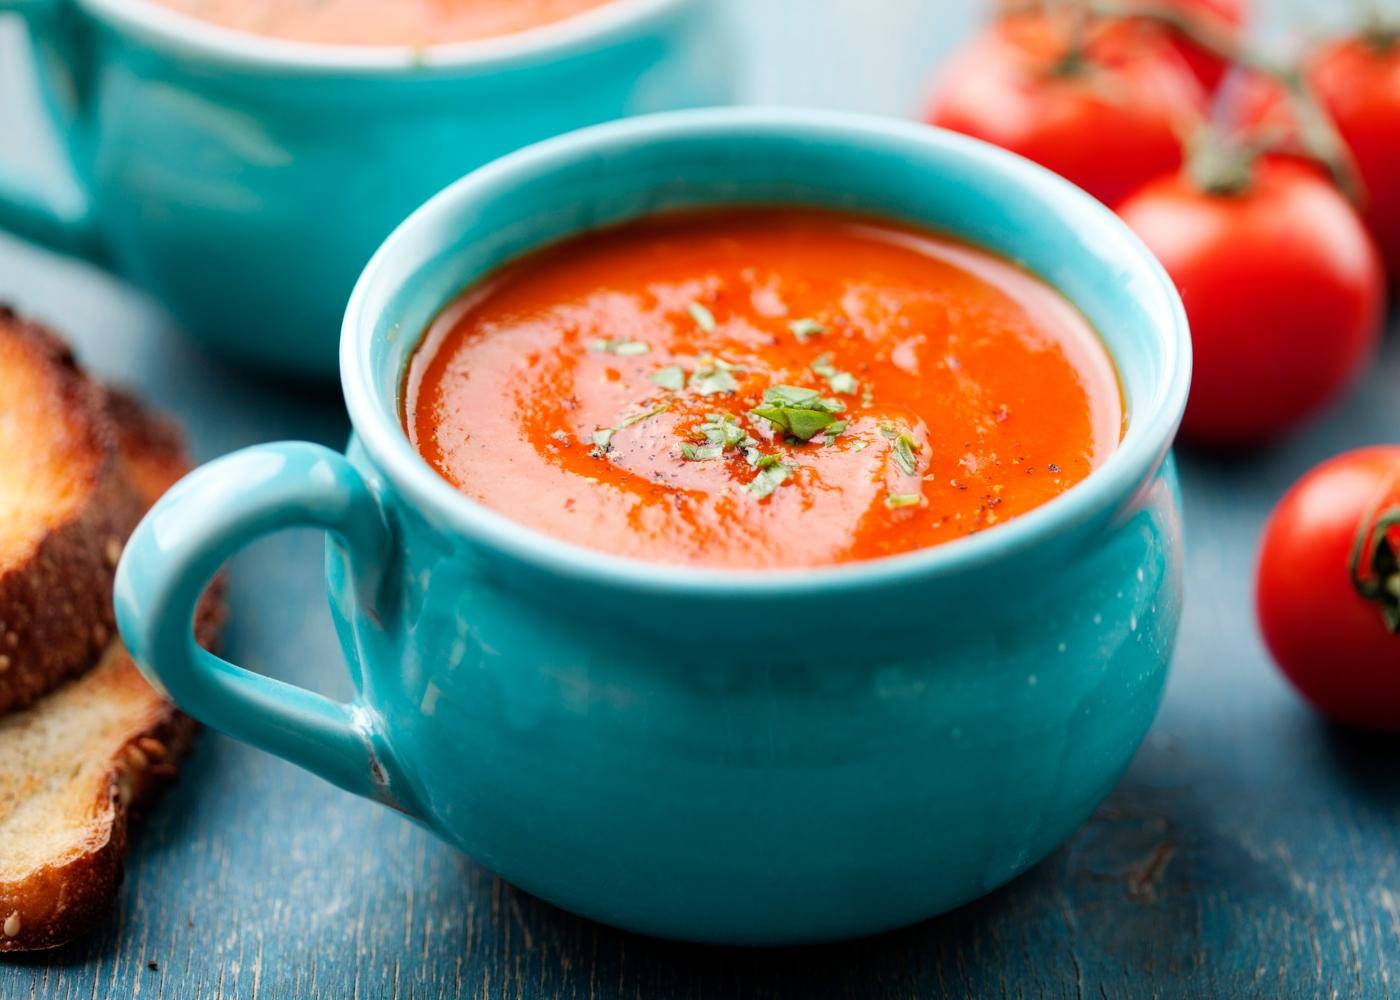 tigela com sopa de tomate